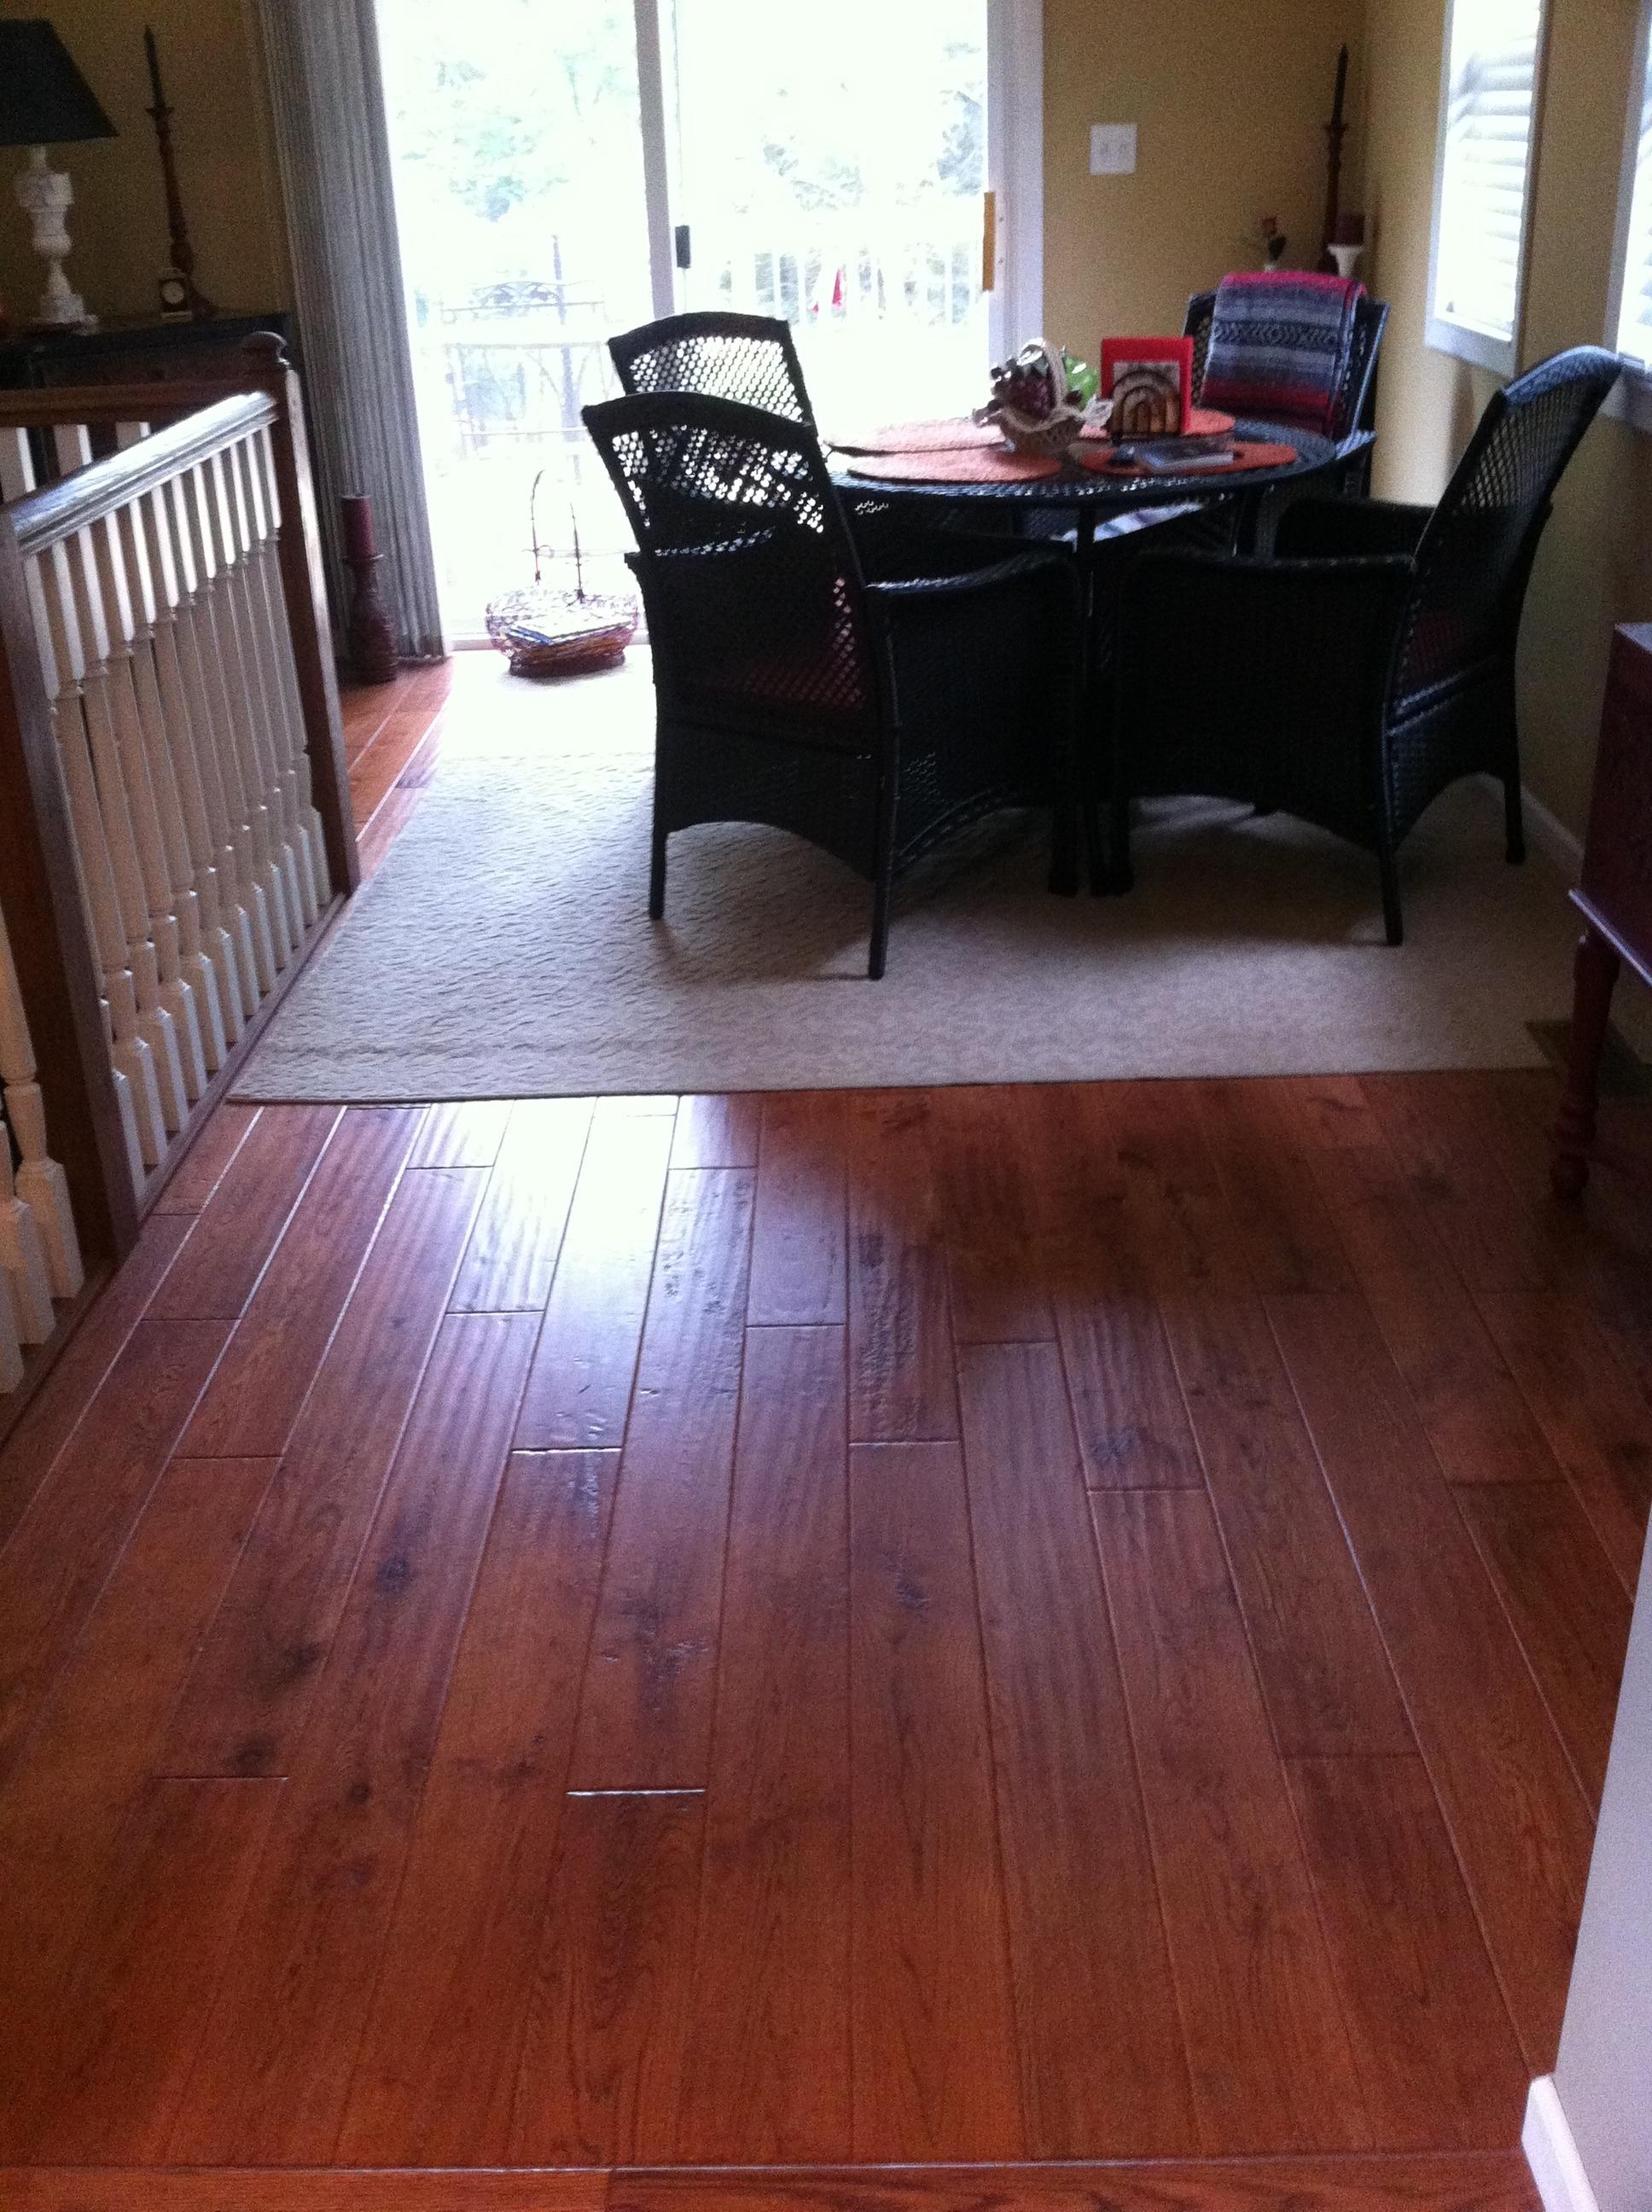 Hardwood floor complete